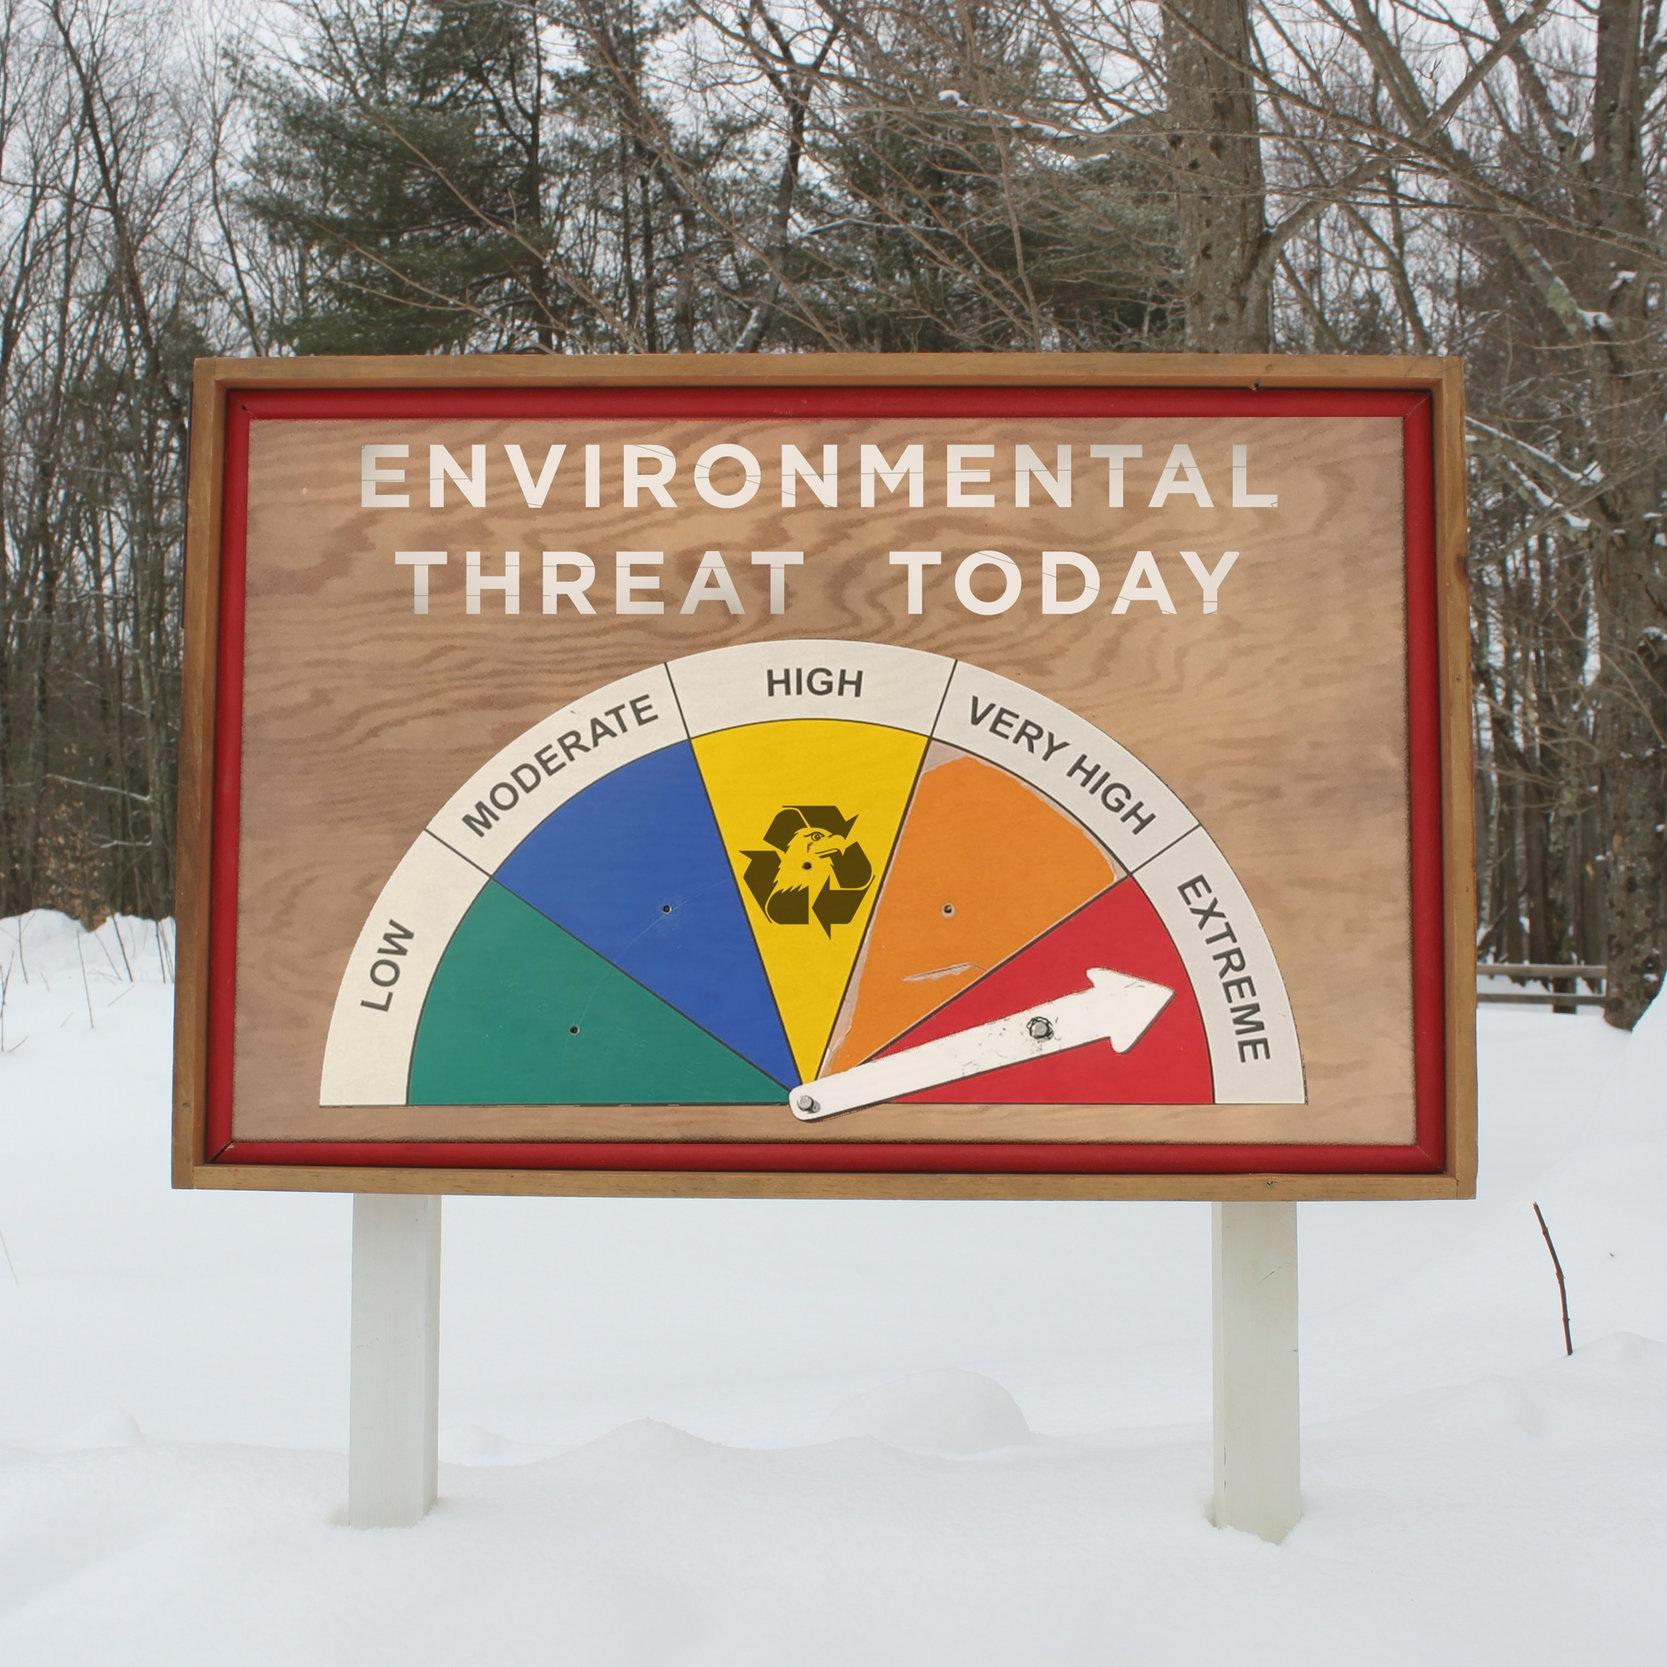 Environmental-Warning-SIgn-David_Buckley_Borde.jpg